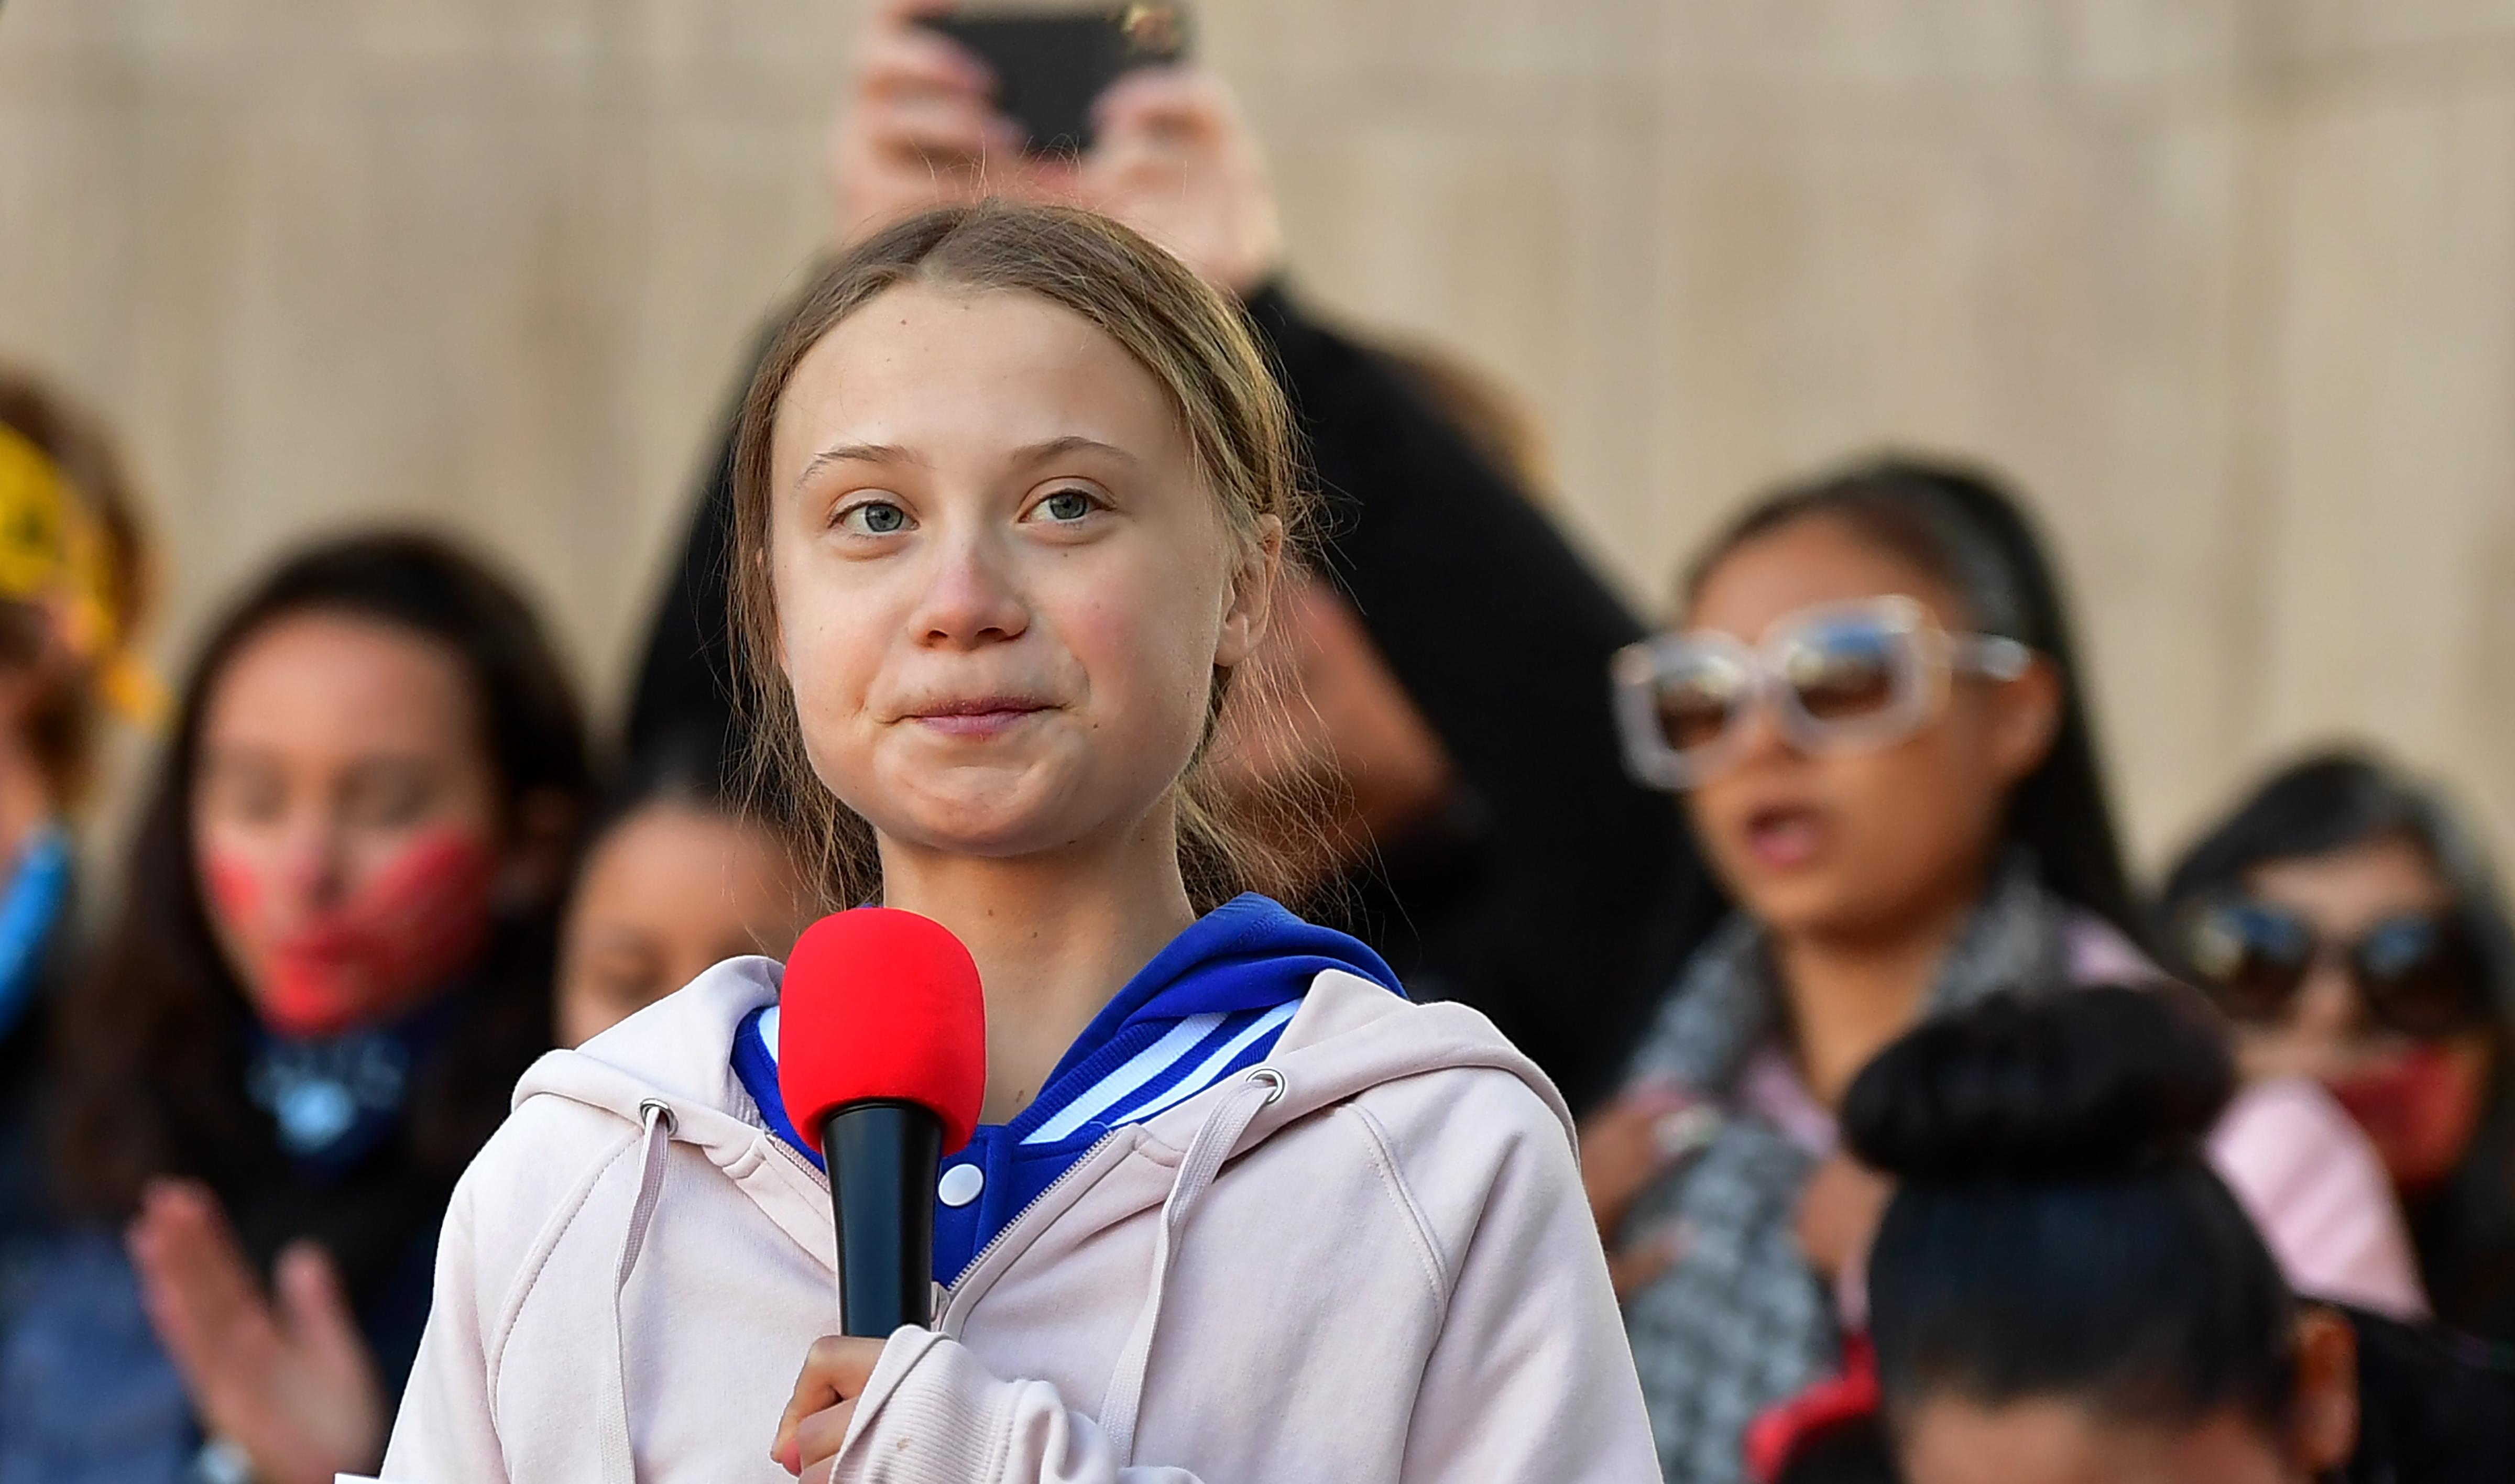 Tudtad, mi Greta Thunberg második keresztneve?